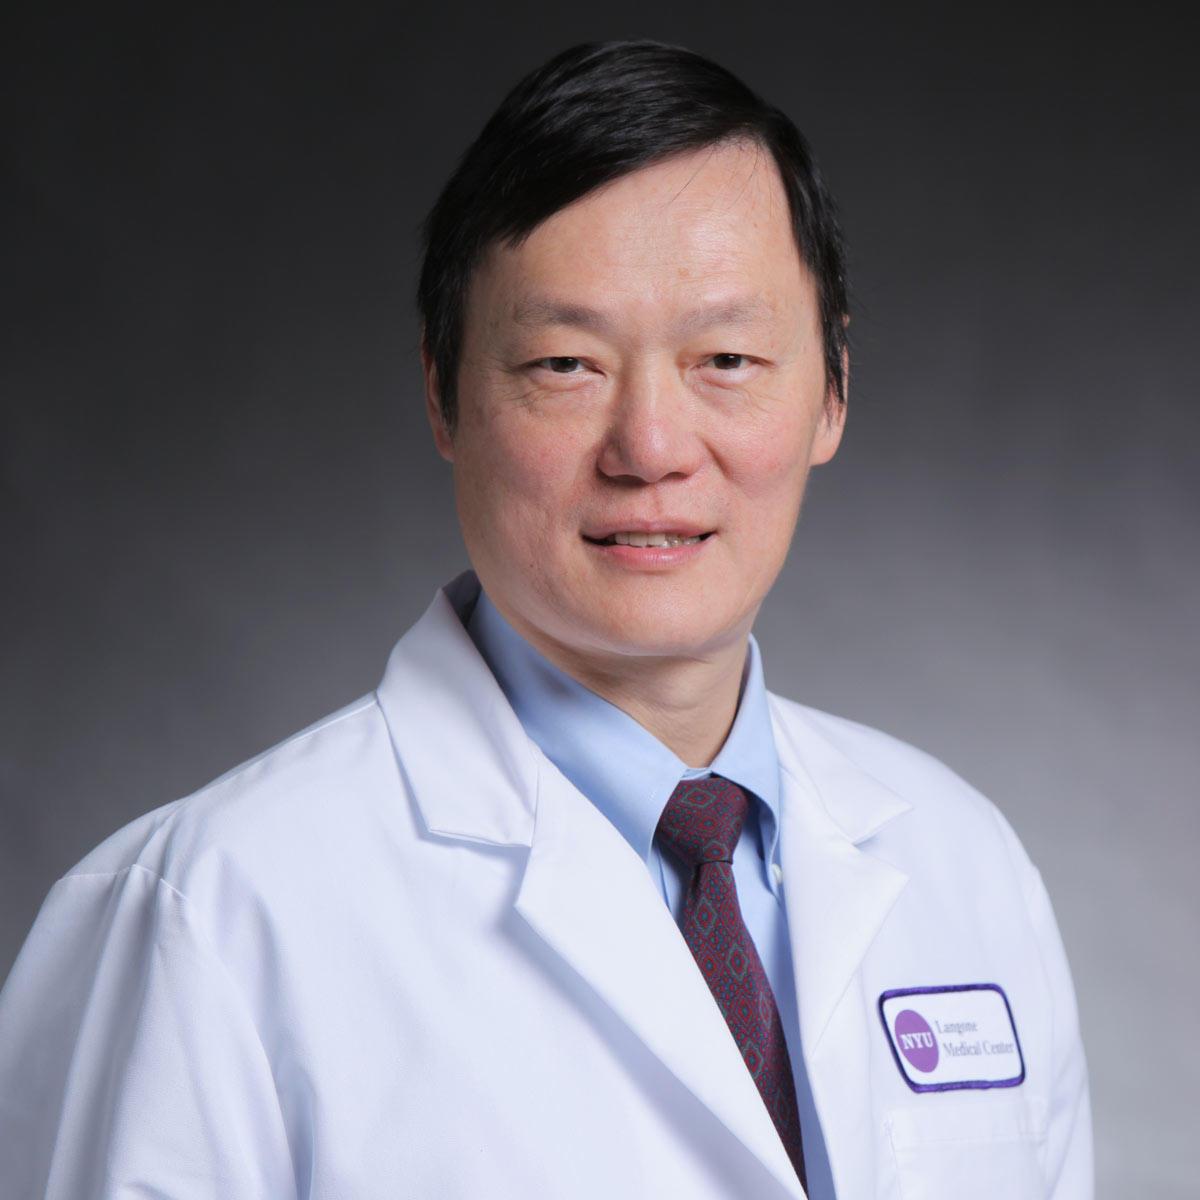 David T. Liu, MD